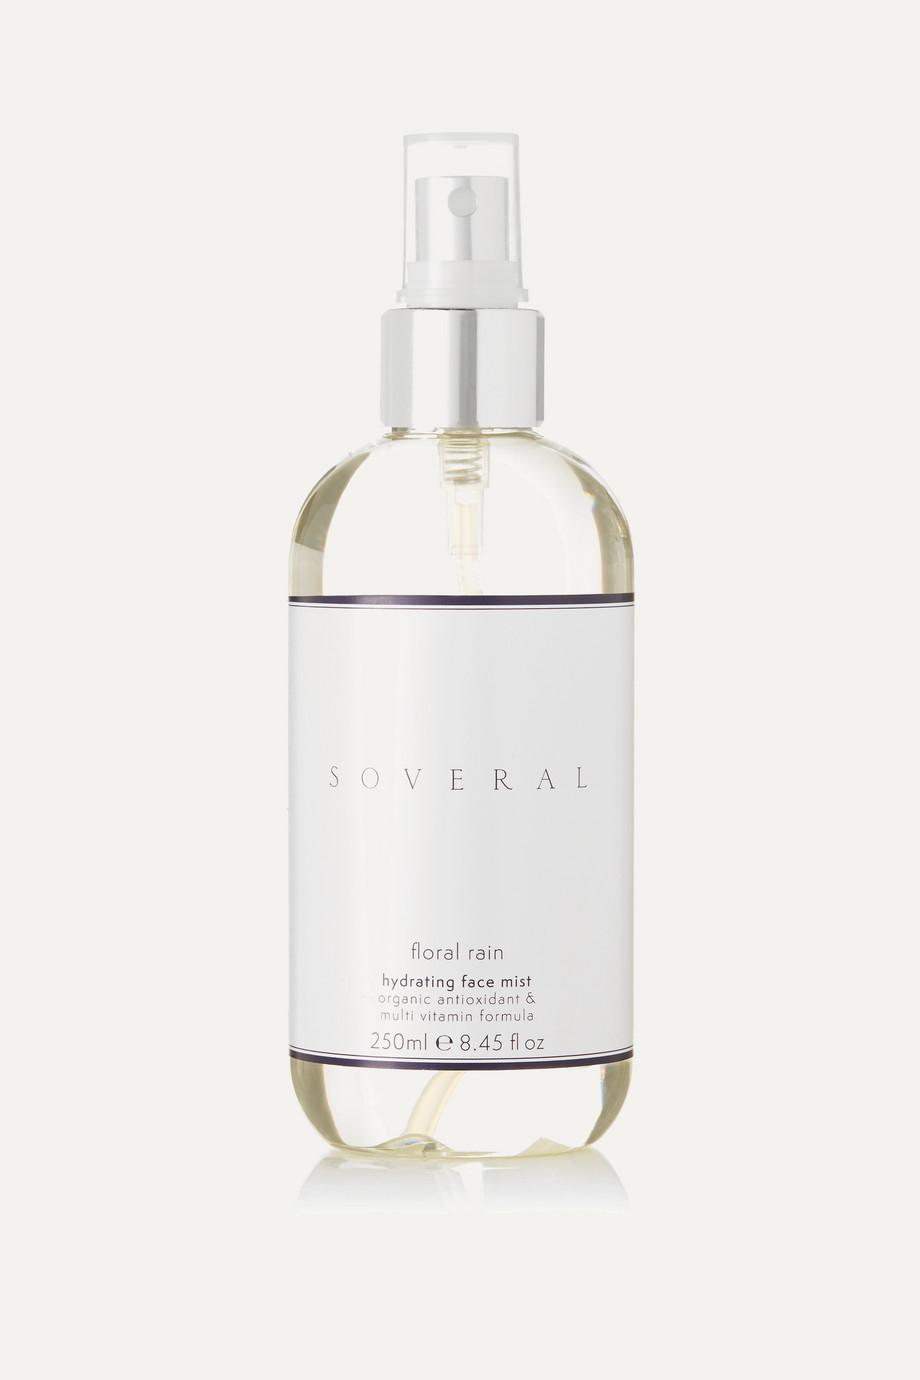 SOVERAL Floral Rain Toning Mist - Rose & Neroli, 250 ml – Toningspray